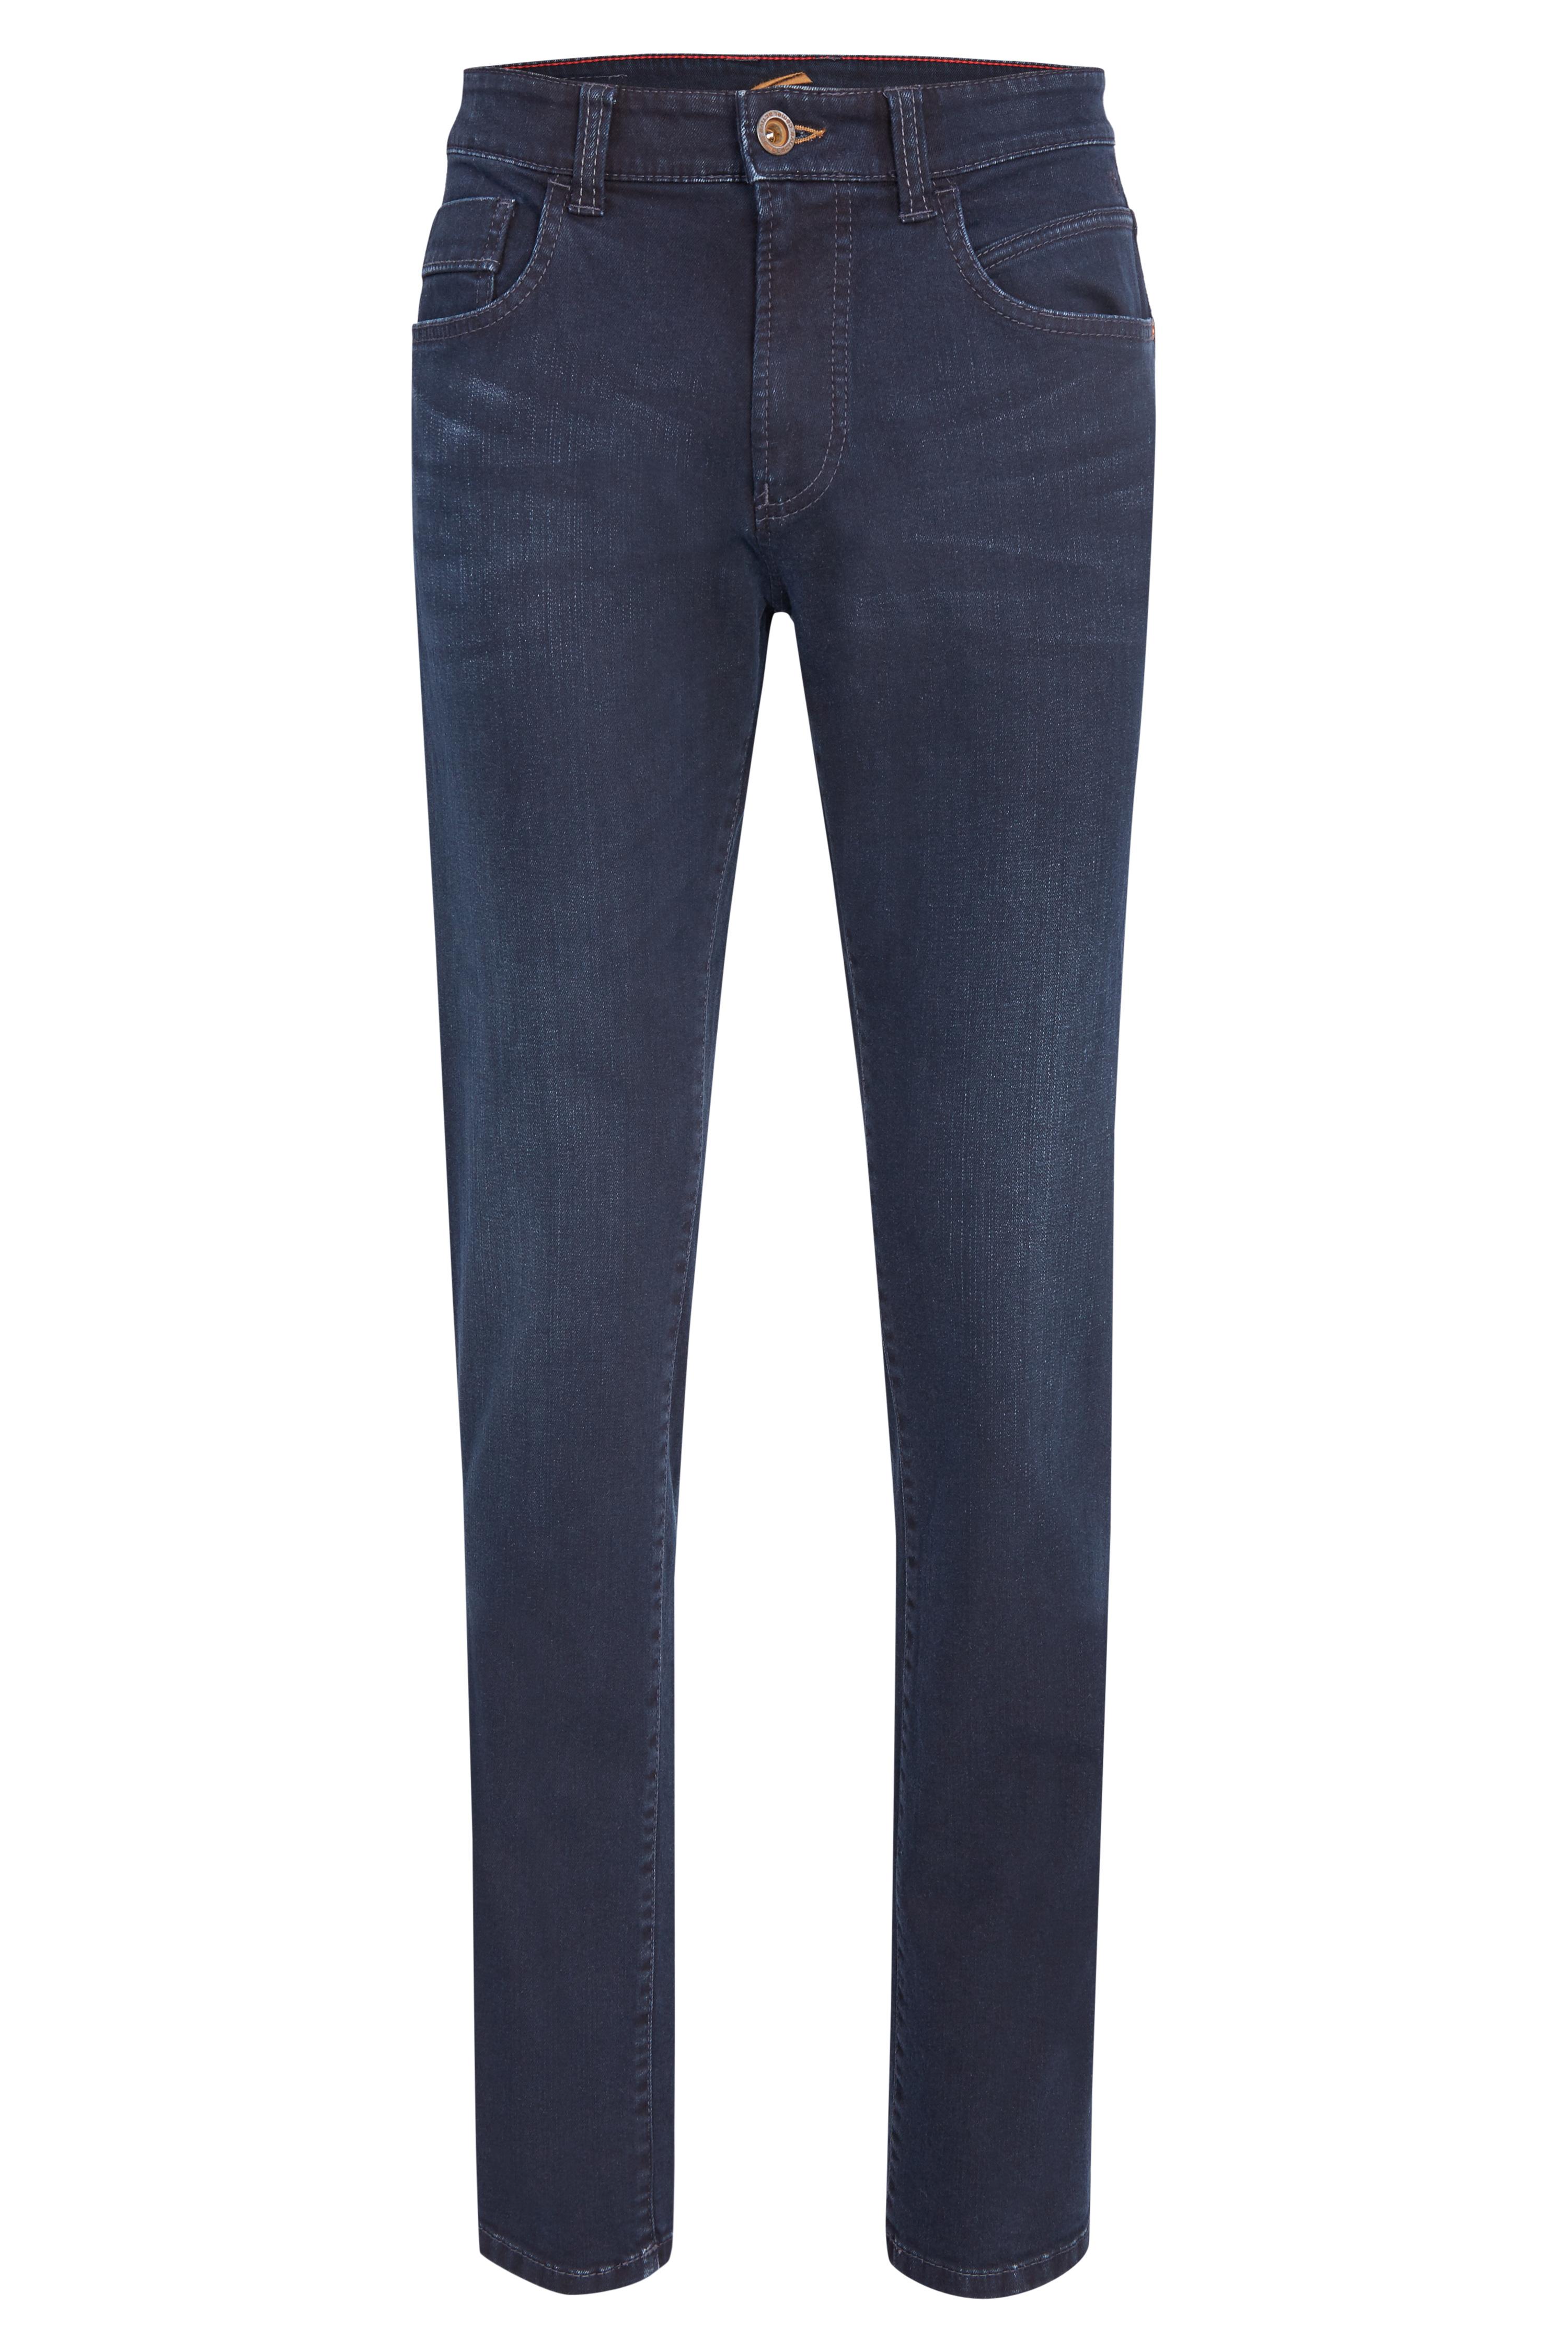 Jeans Houston